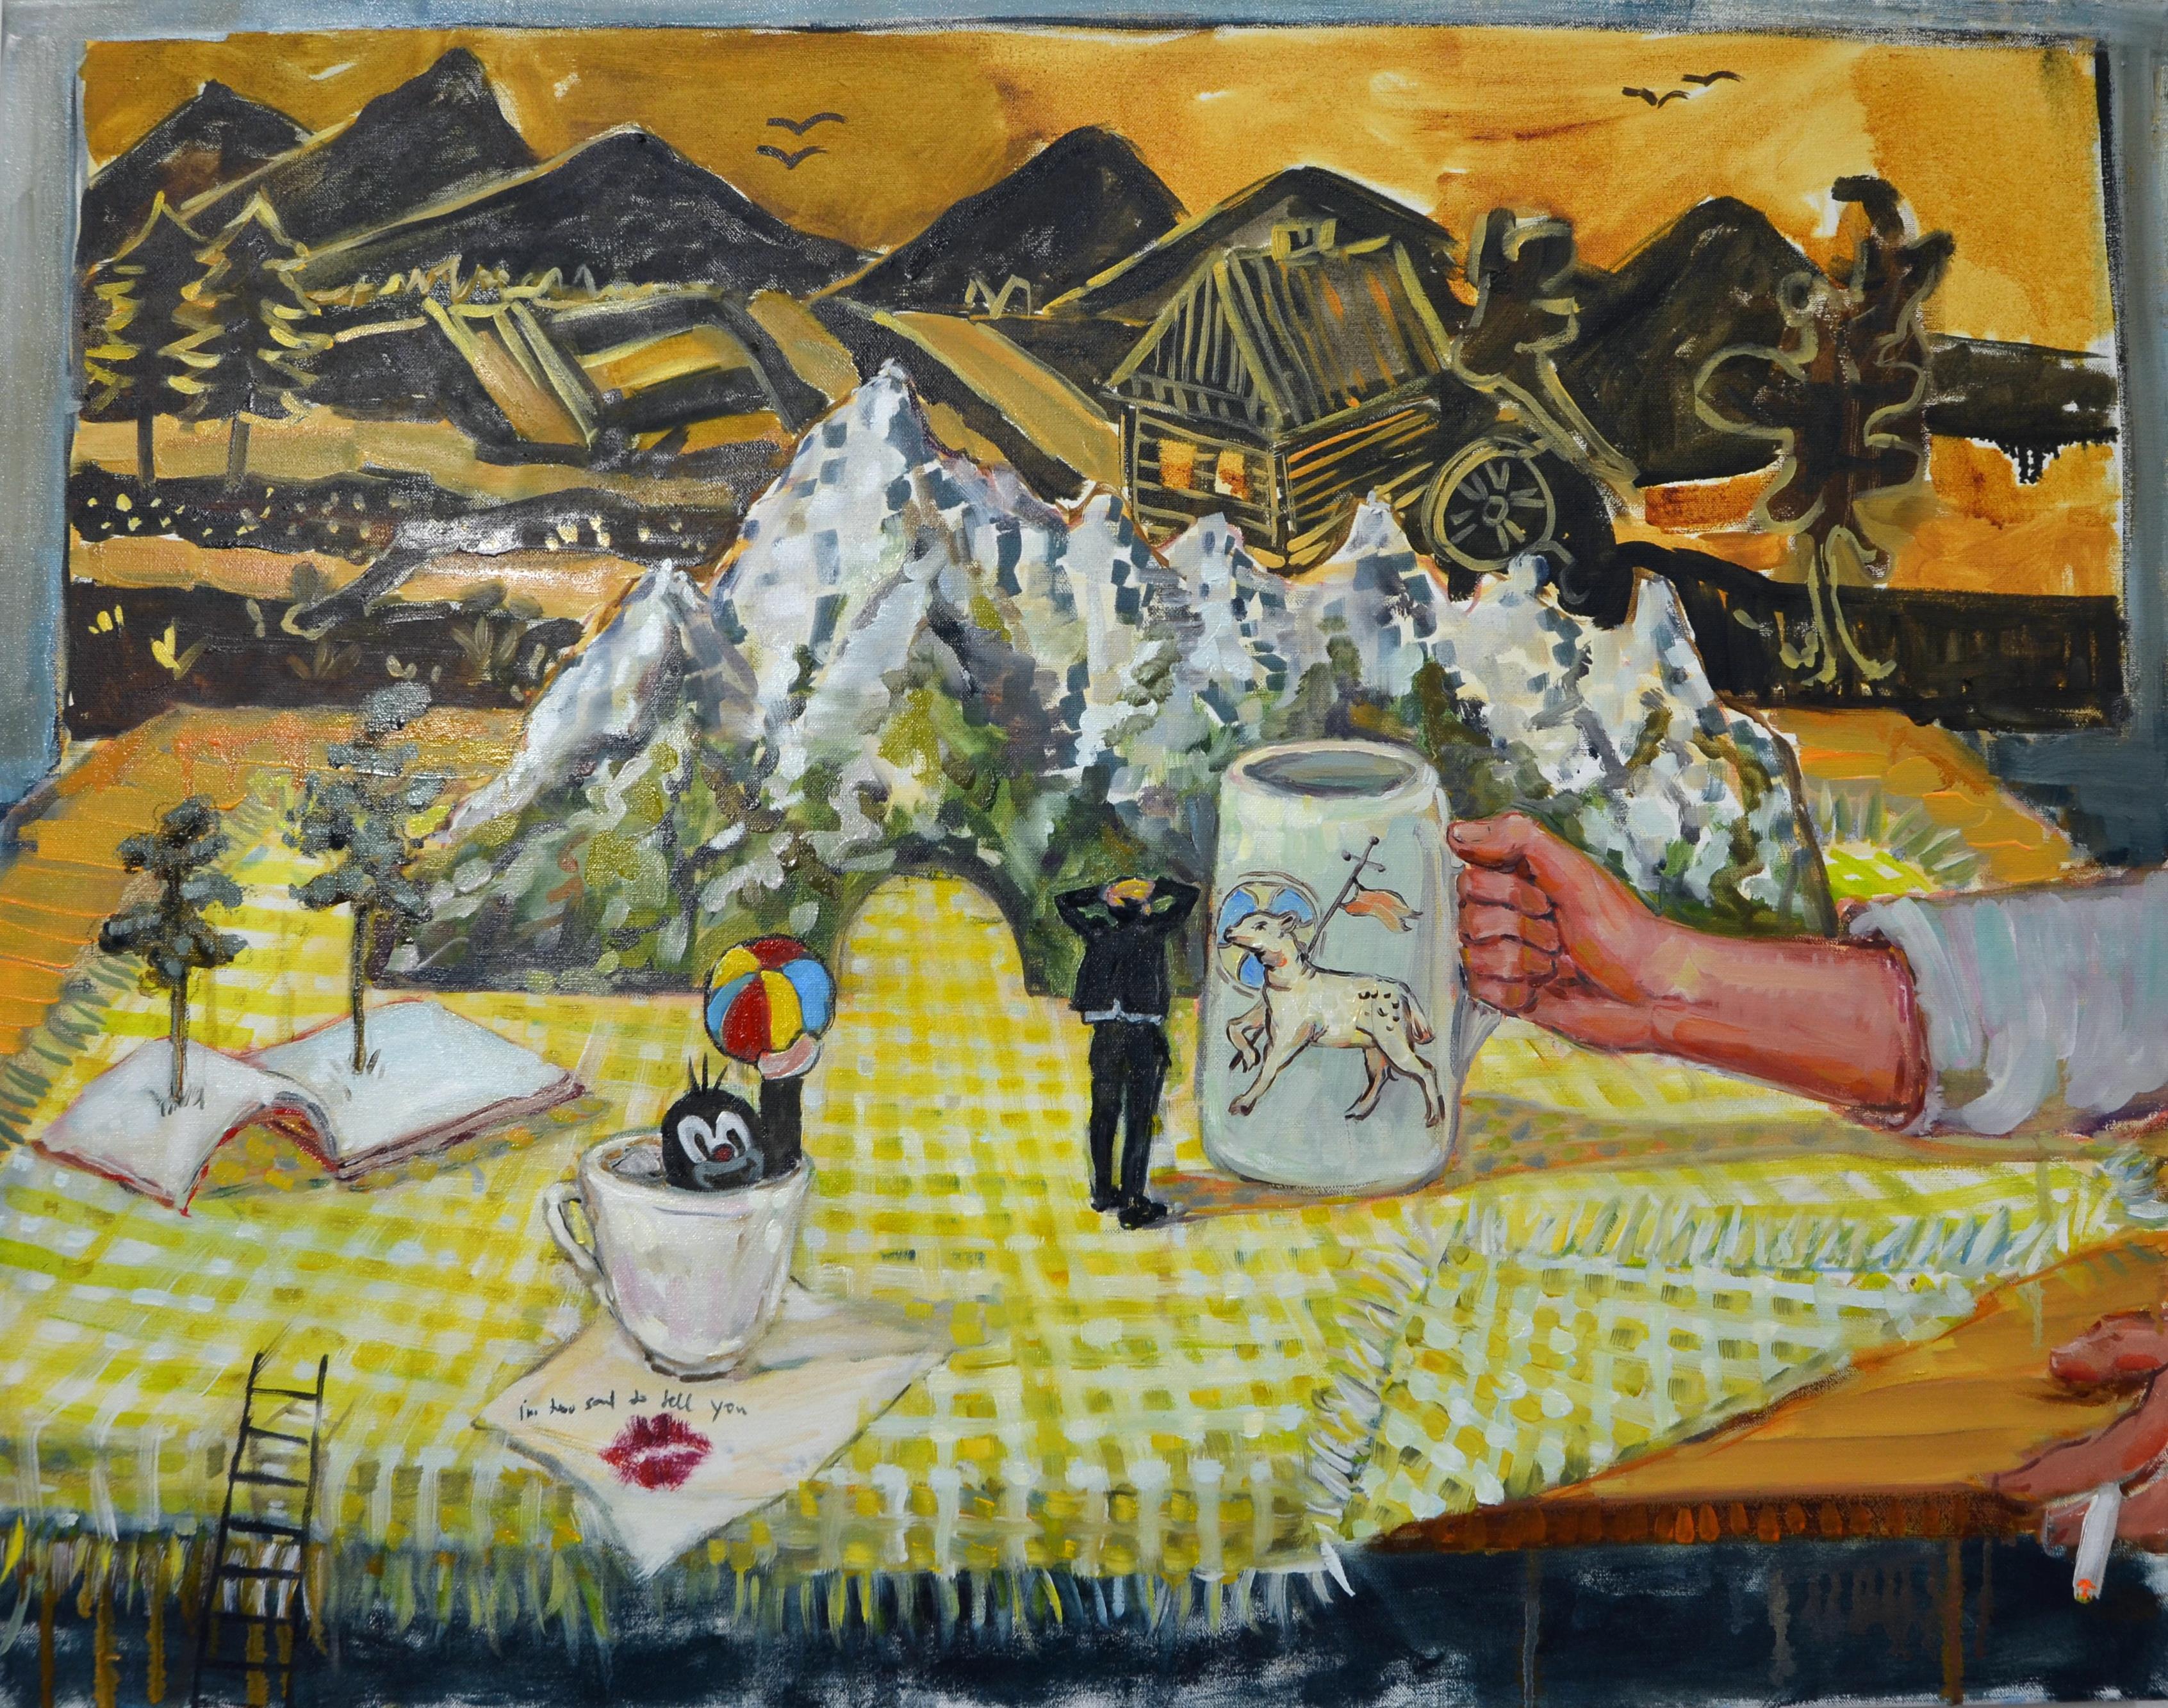 Natural Histories. Landscape at the table (Natūralios istorijos. Peizažas už stalo)_70x90_Aliejus ant drobės_2017300